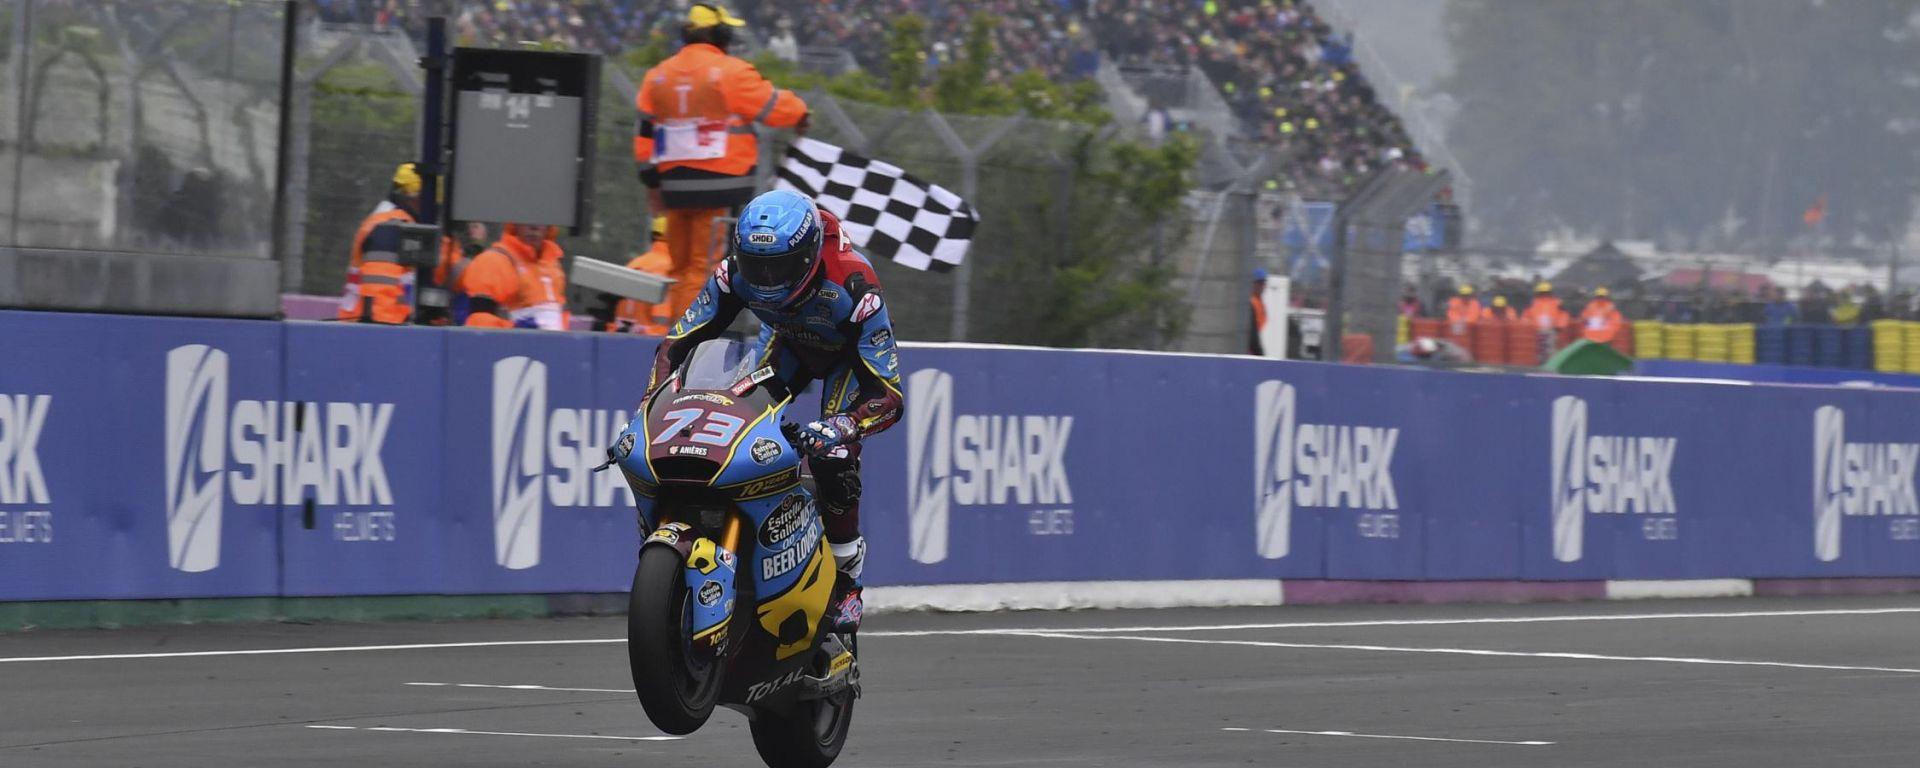 Moto2, Alex Marquez è il terzo vincitore sulla Triumph